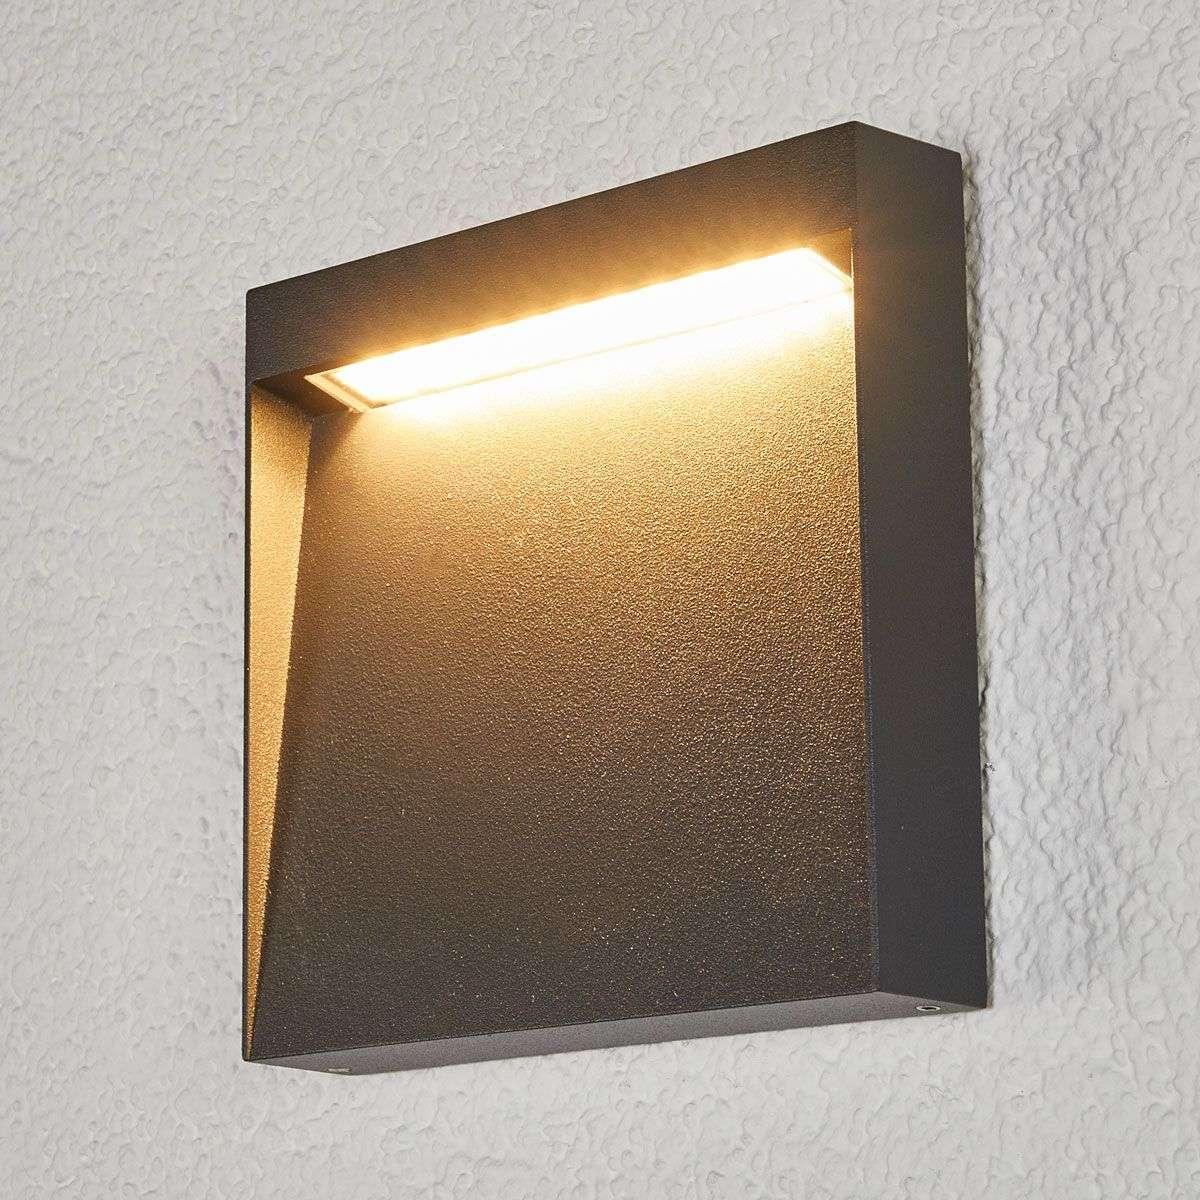 Flat led outdoor wall light bene lights flat led outdoor wall light bene 9616114 32 aloadofball Images